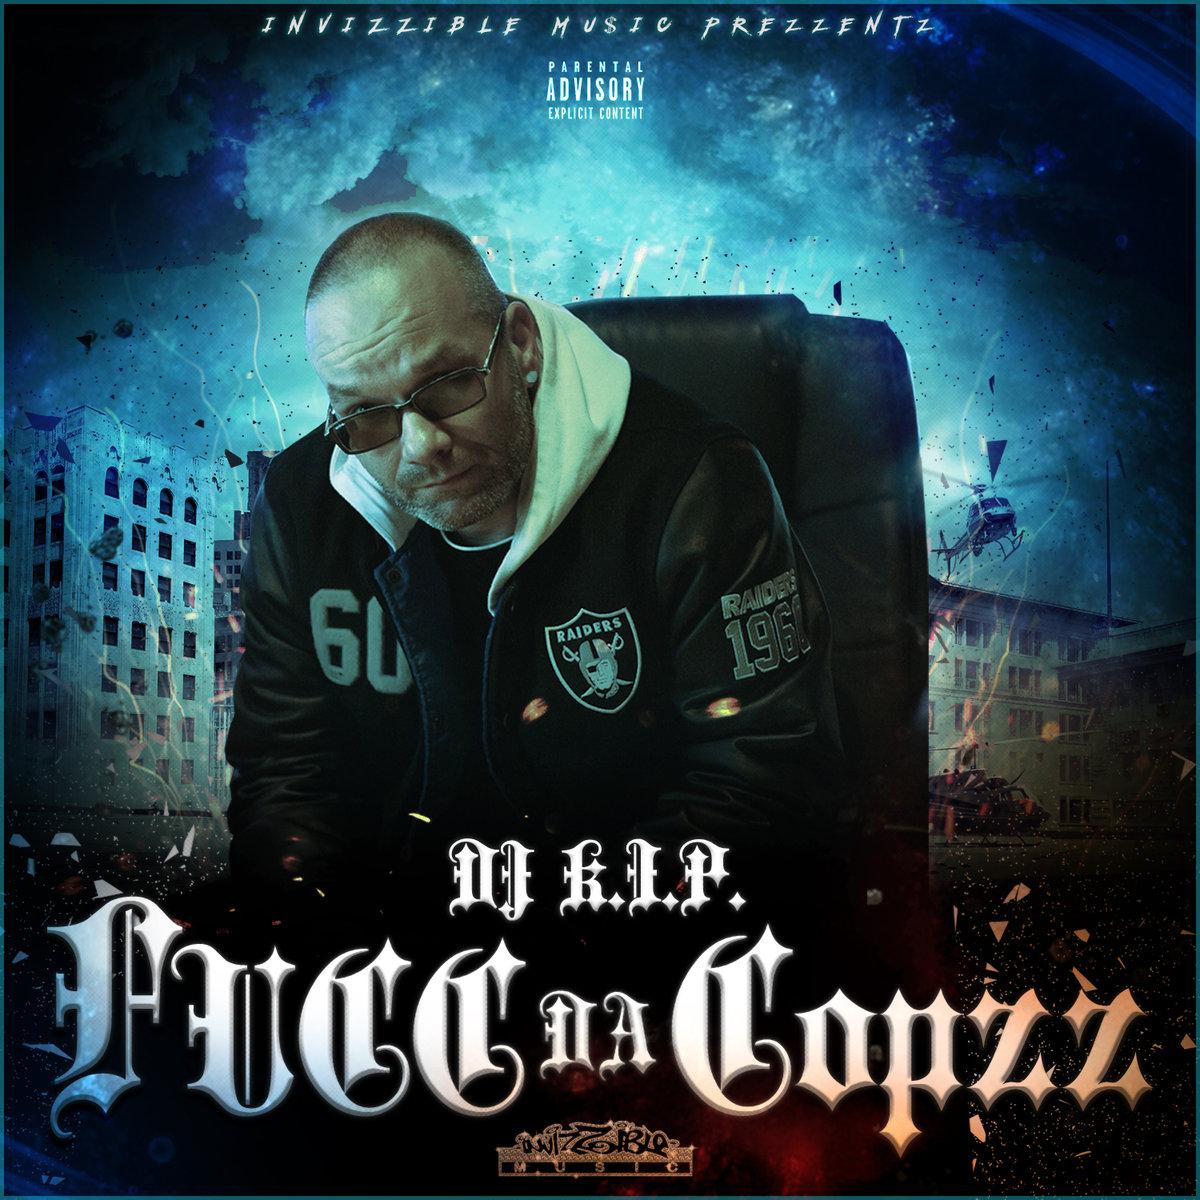 DJ K.I.P. — «Fucc Da Copzz»